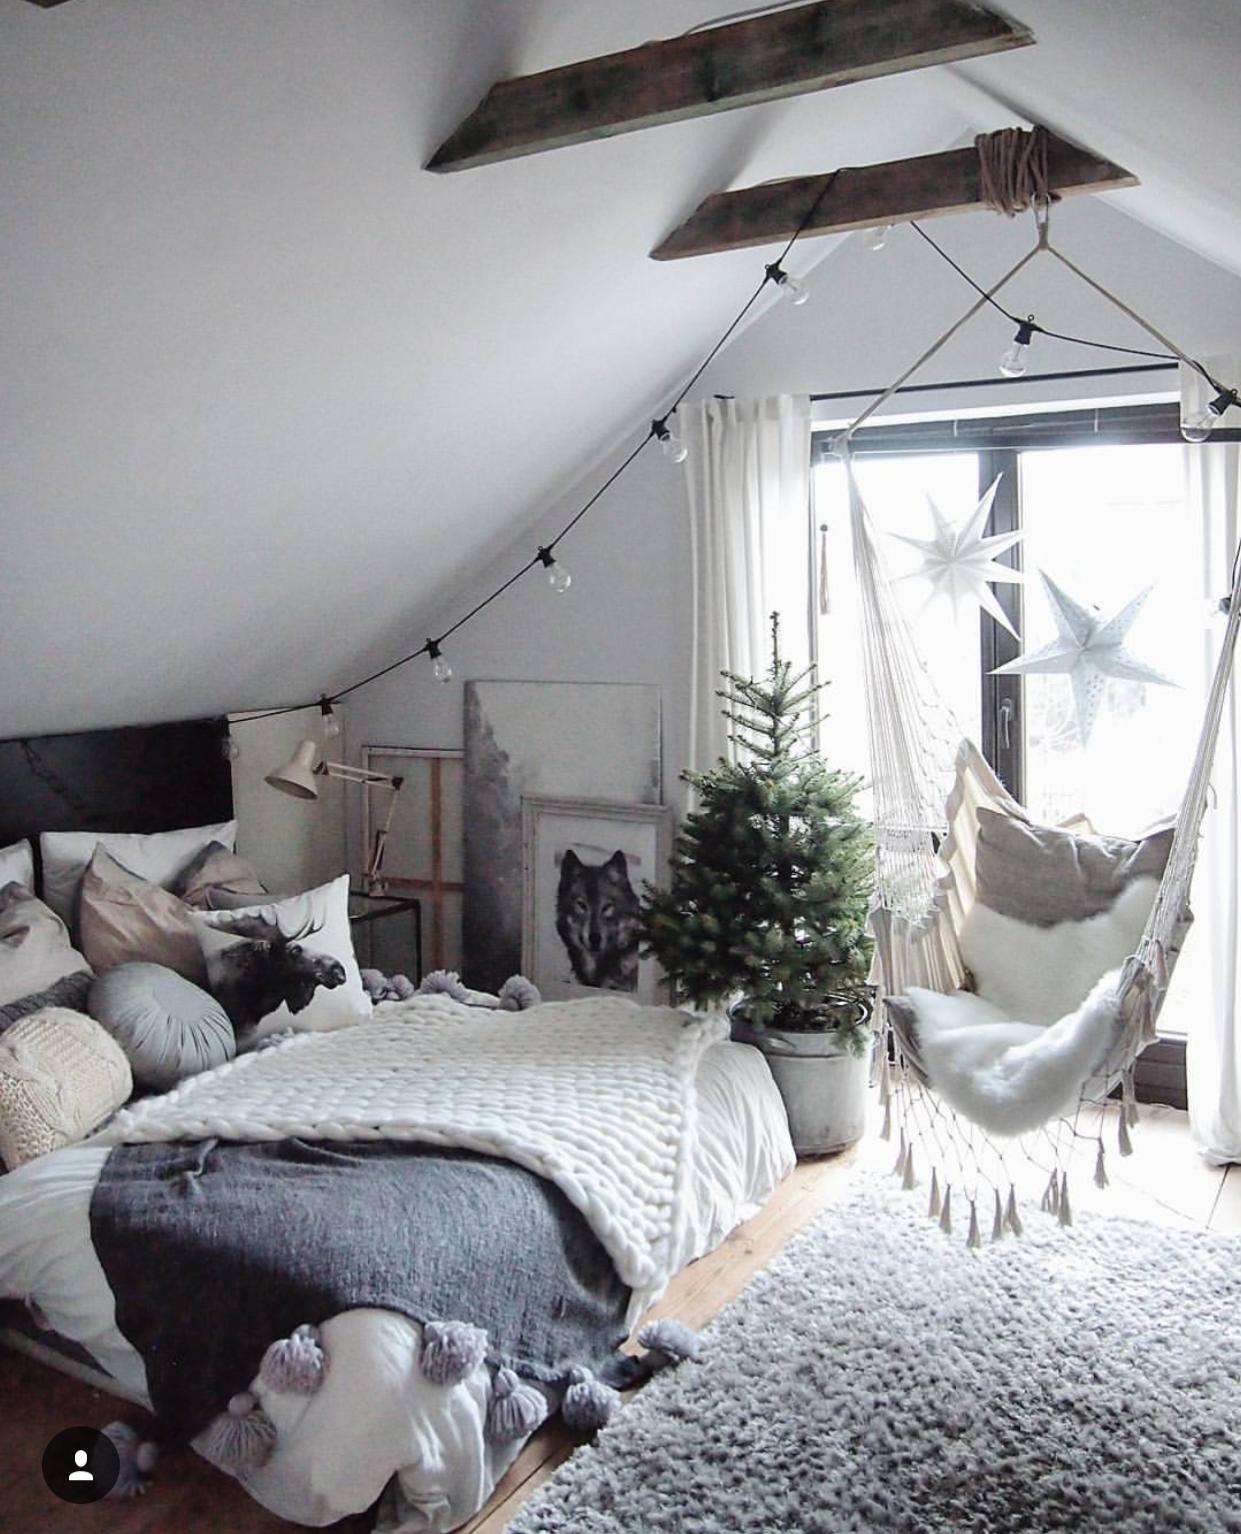 13 mẫu ghế cho phòng ngủ khiến bạn thậm chí còn yêu ghế hơn giường - Ảnh 13.